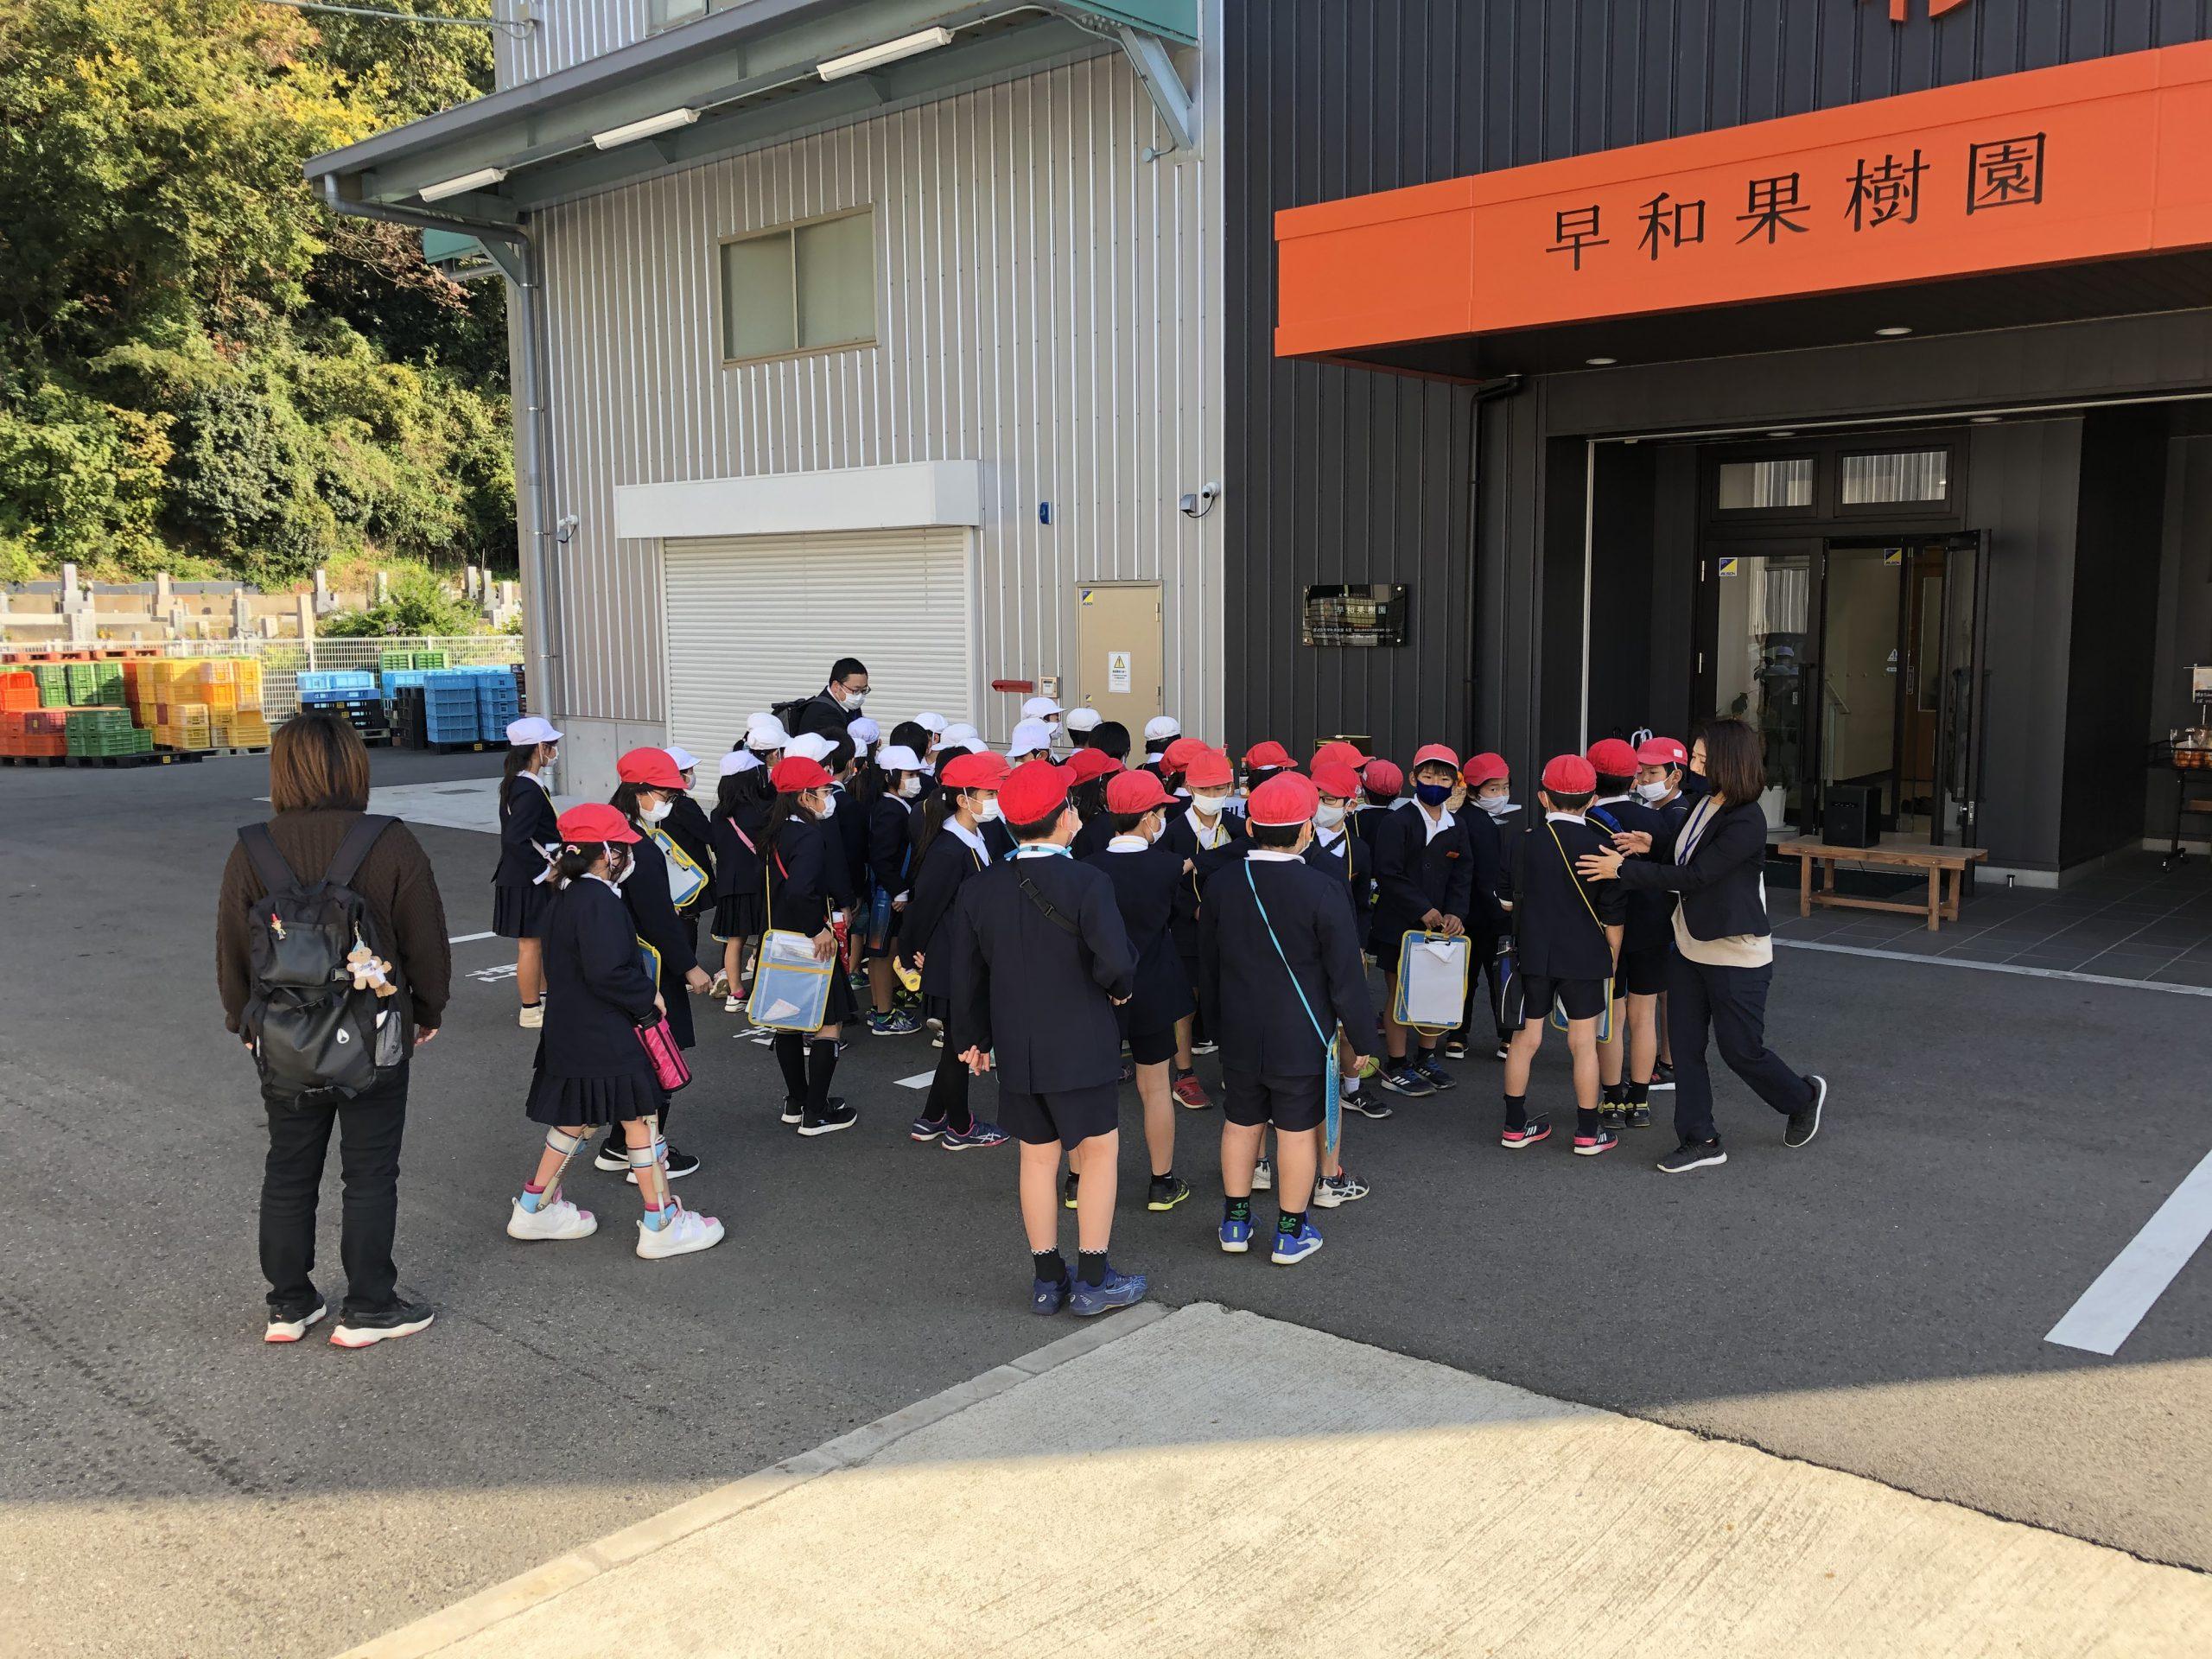 まずは、早和果樹園の正面玄関前で集合!学校から歩いてやってきてくれました。